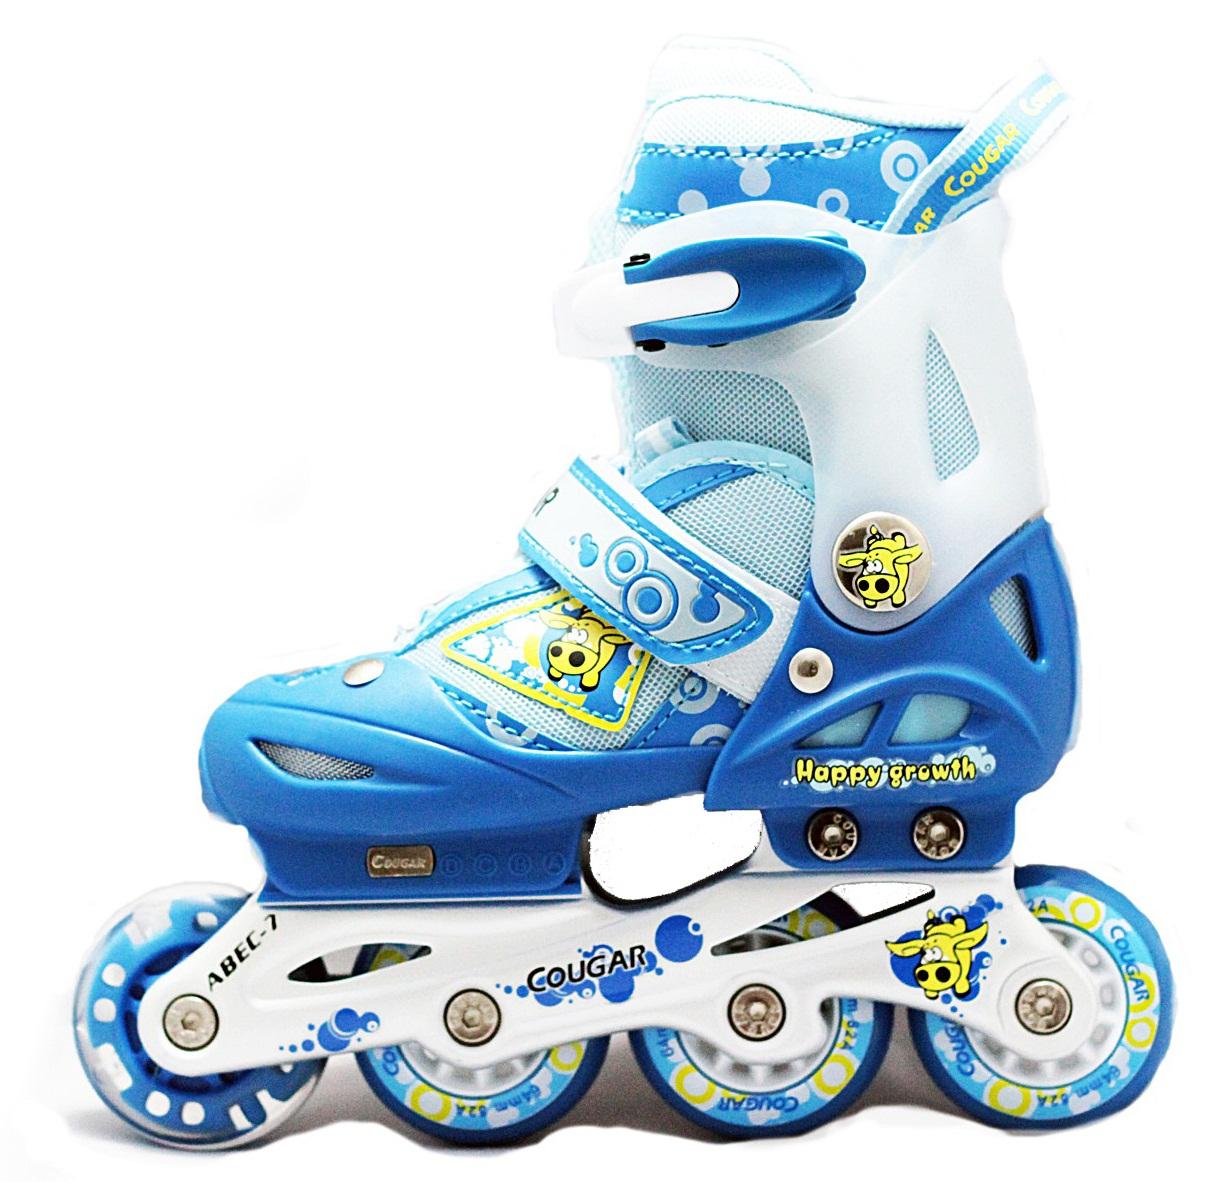 รองเท้าสเก็ต rollerblade รุ่น MCF สีฟ้า-ขาว Size S *พร้อมเซทป้องกันสุดคุ้ม สำเนา